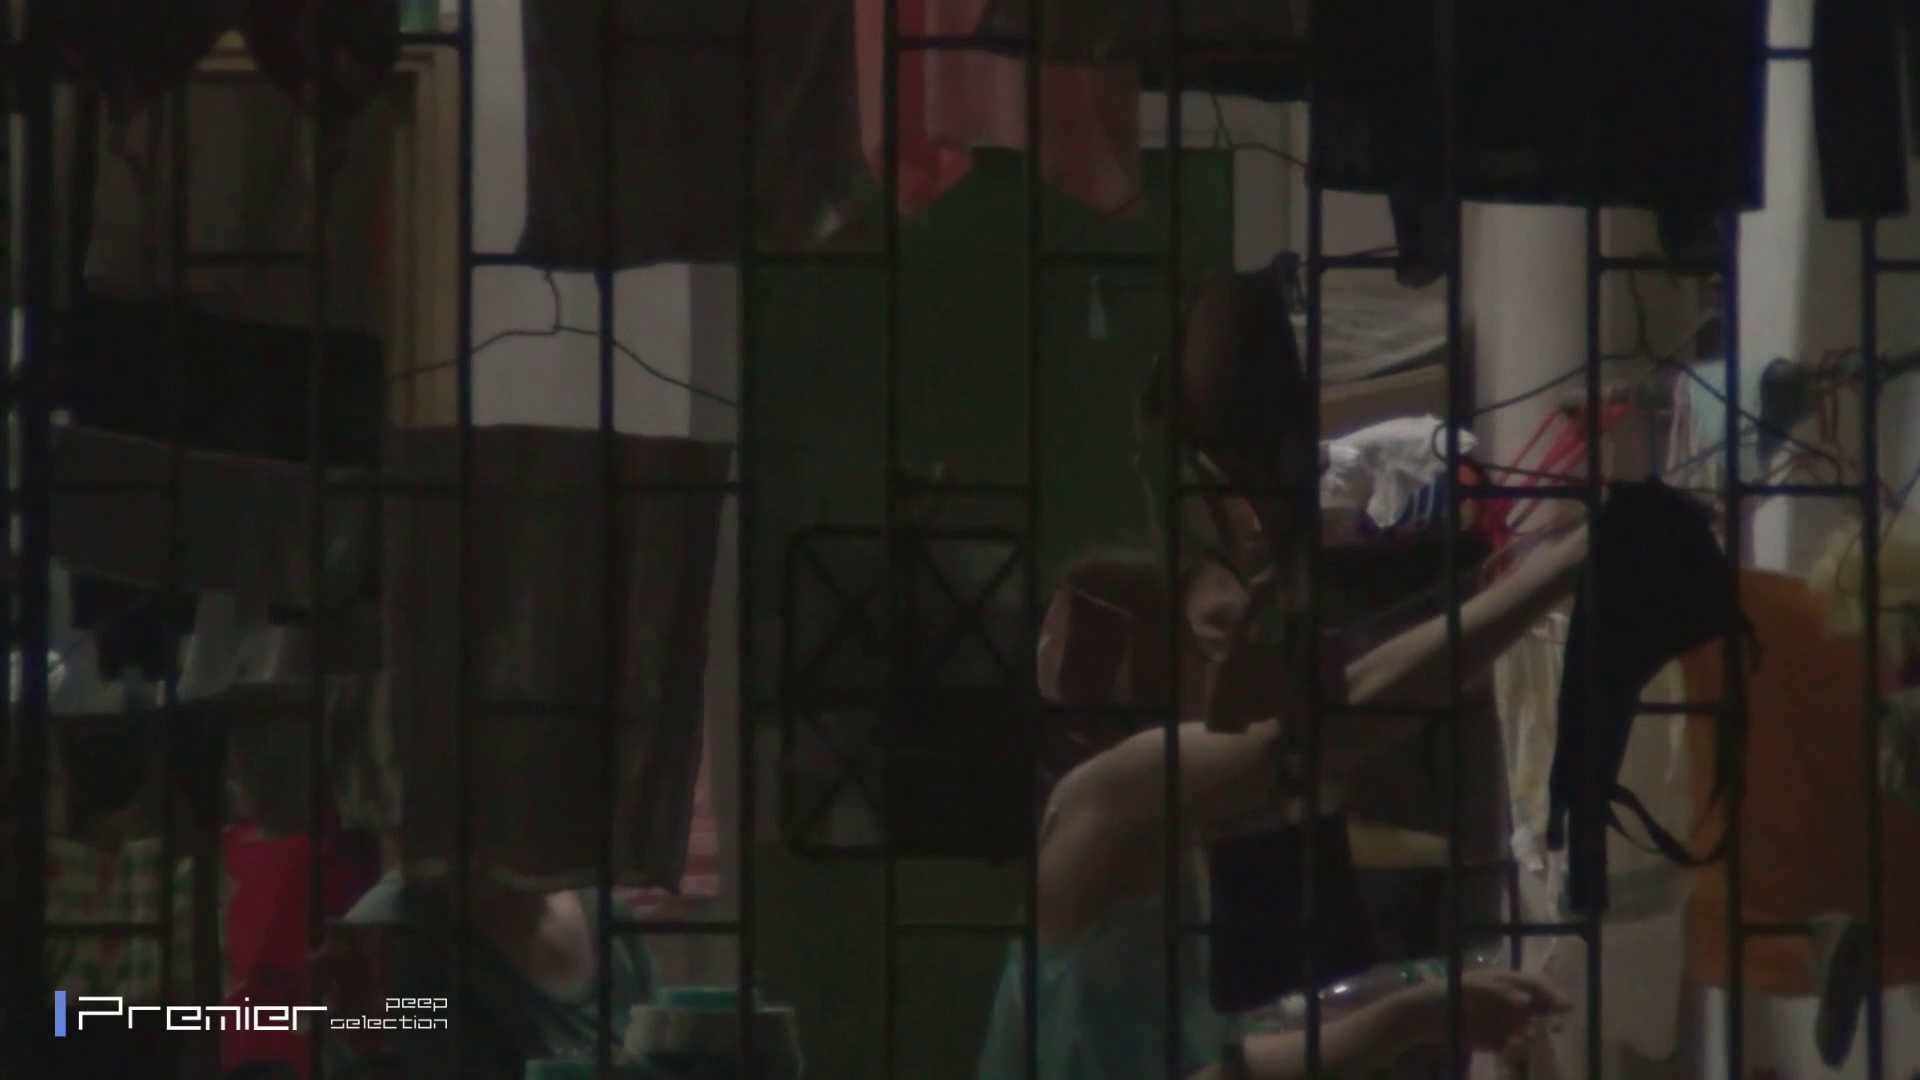 美女の痴態に密着!洗濯物を干す女 Vol.07 細身女性 オマンコ無修正動画無料 98画像 35